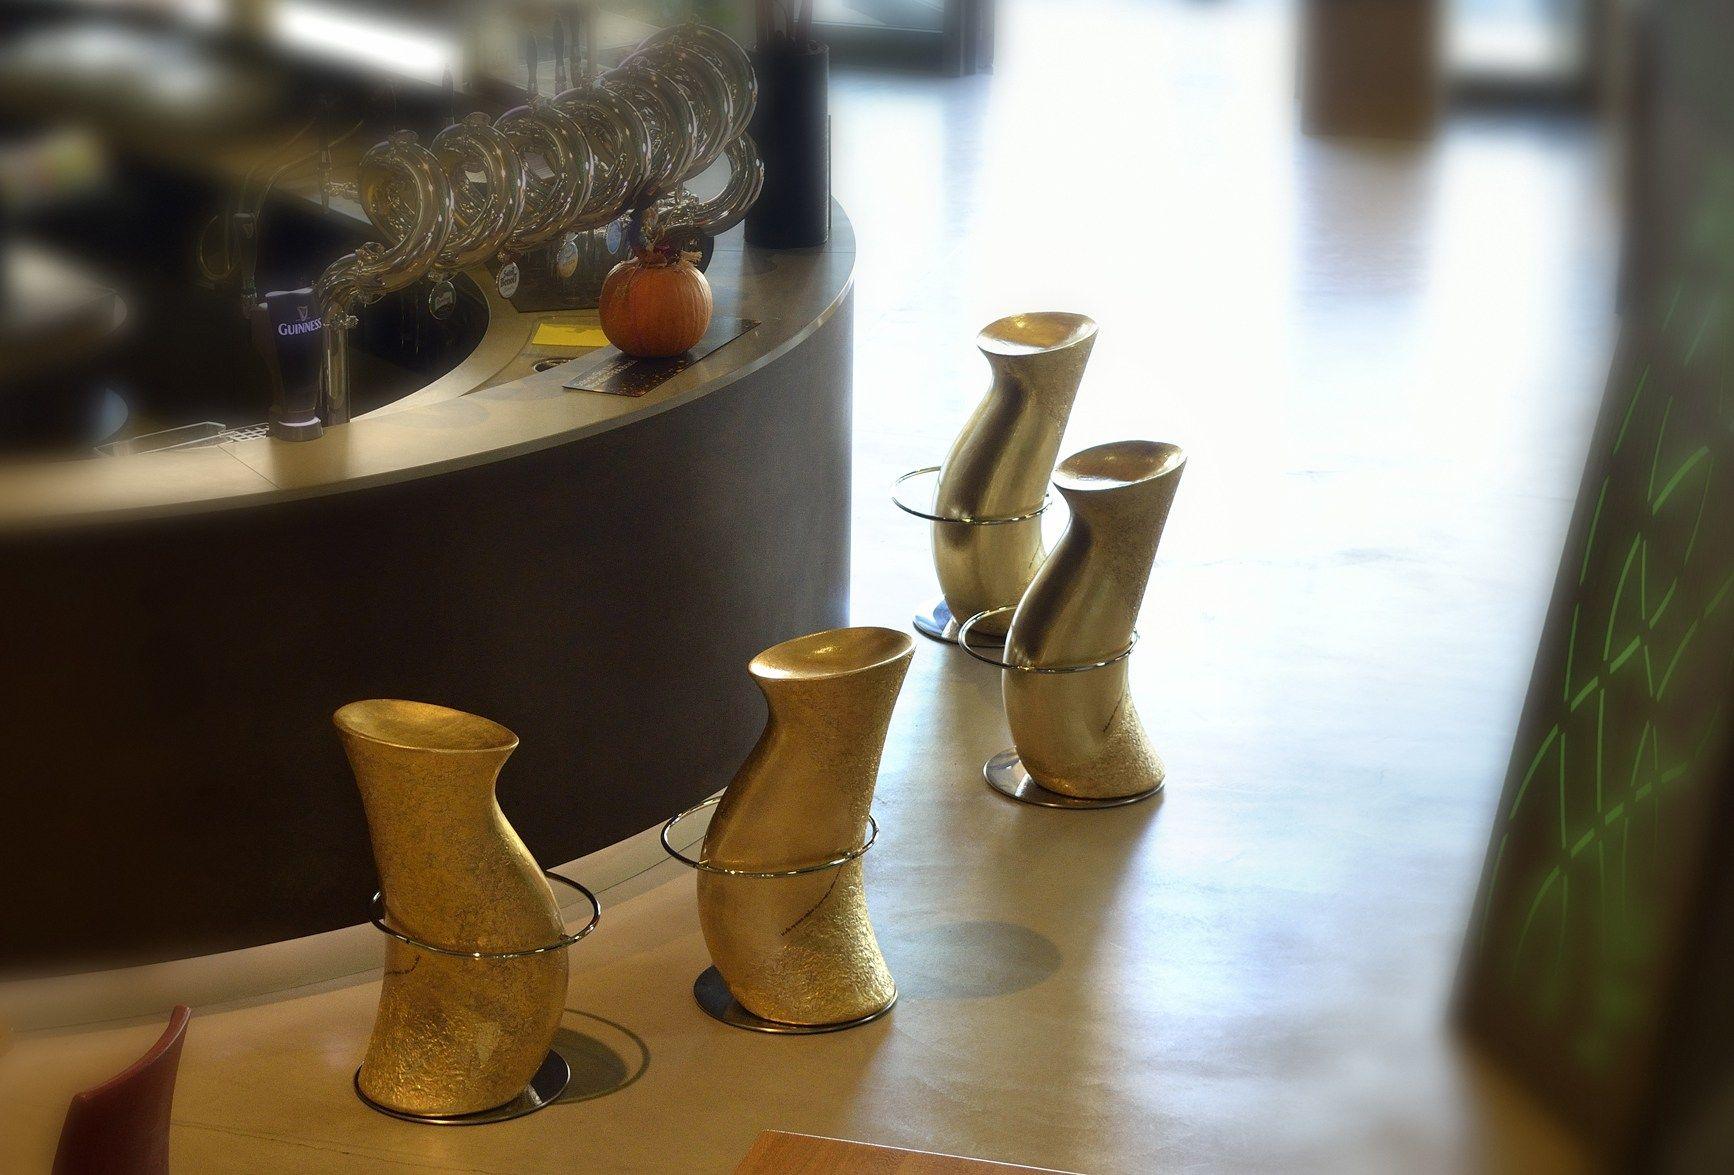 Sgabello da bar foglia oro con poggiapiedi HULA OP GOLD - IBEBI